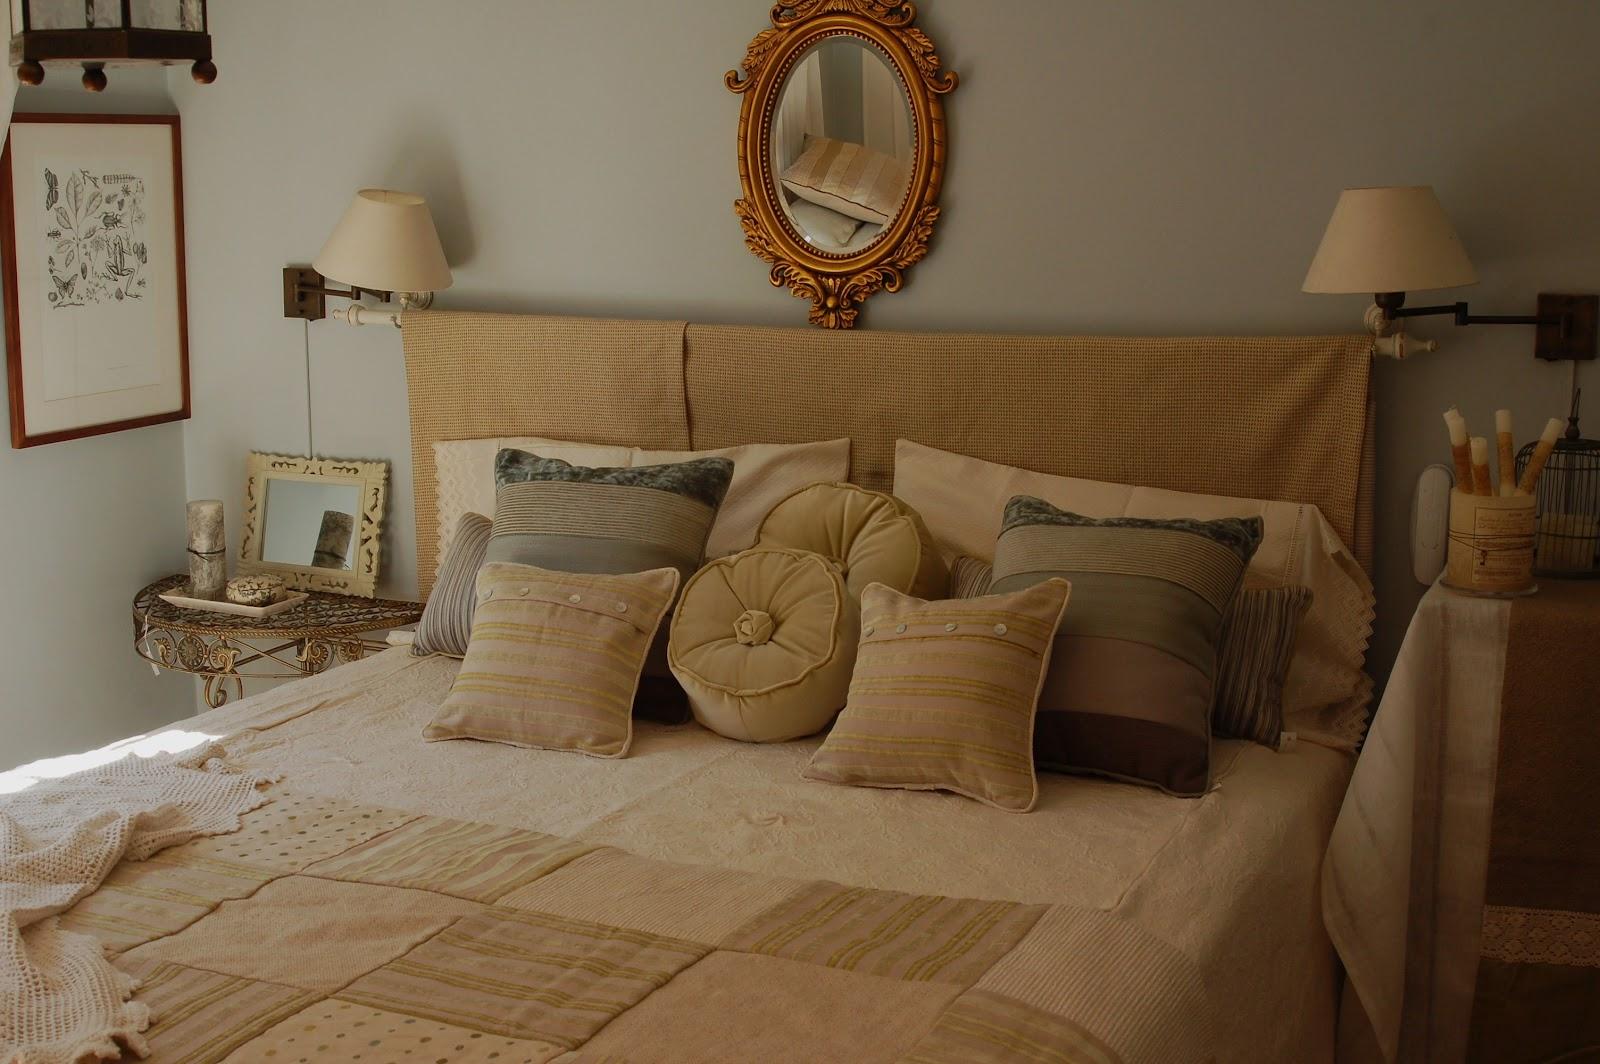 Paz montealegre decoraci n ropa de cama pieceras cubrecamas cojines faldones - Cojines redondos ...